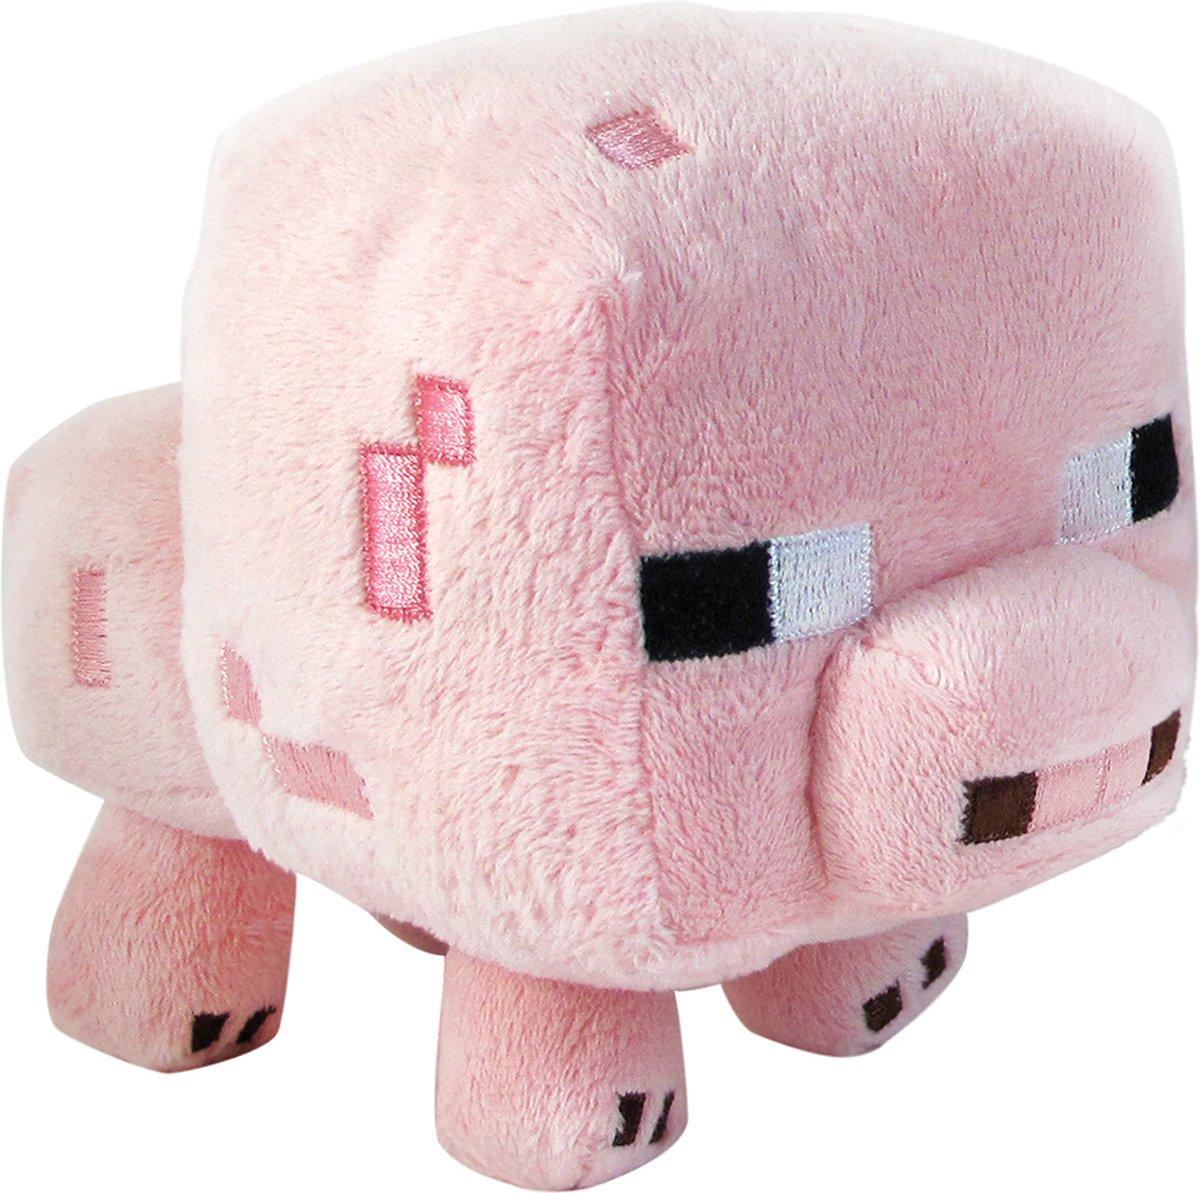 Minecraft Pig Pluche Knuffel